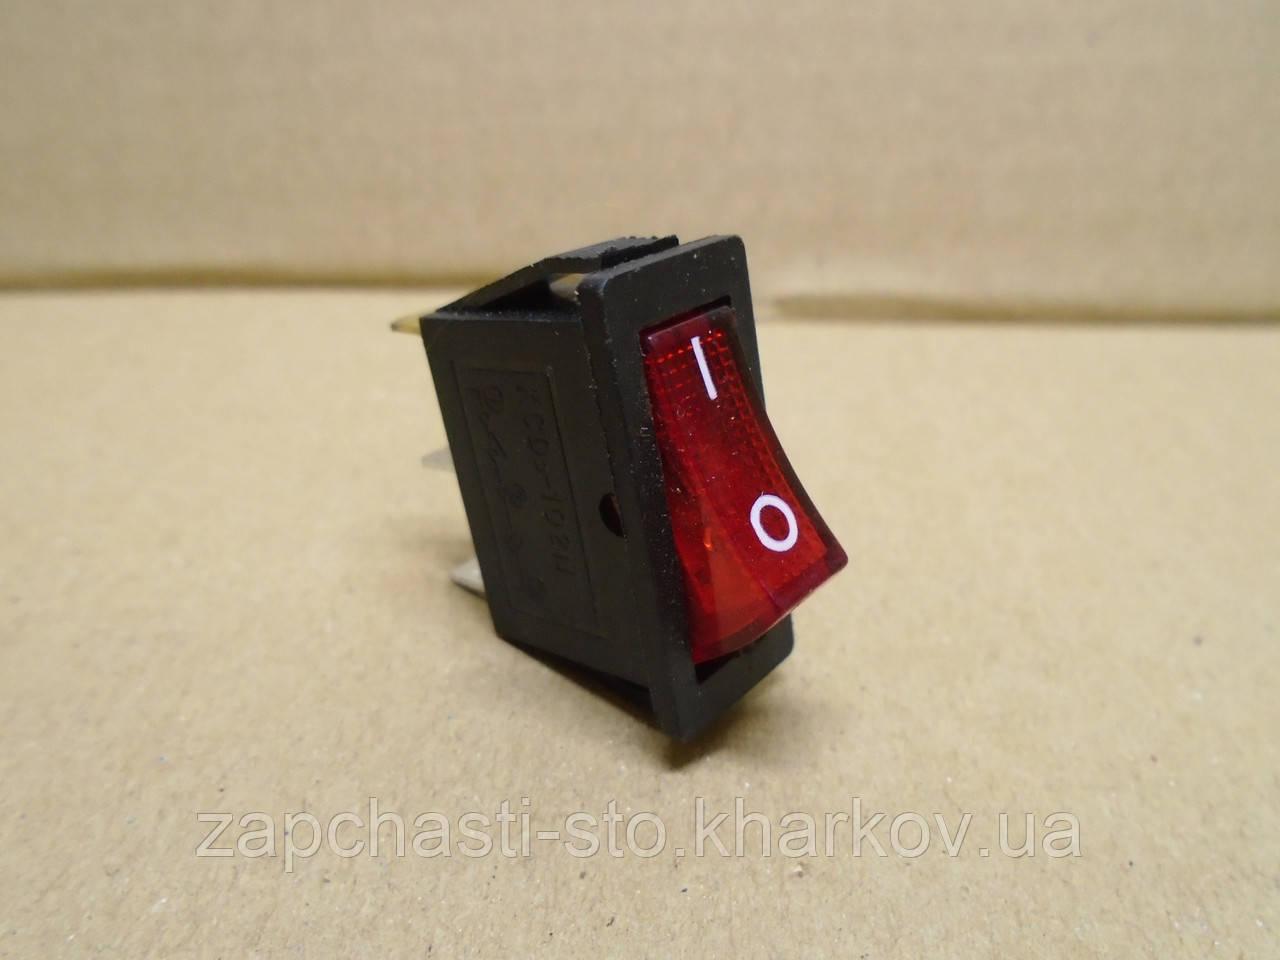 Универсальная автомобильная кнопка на 1 переключатель